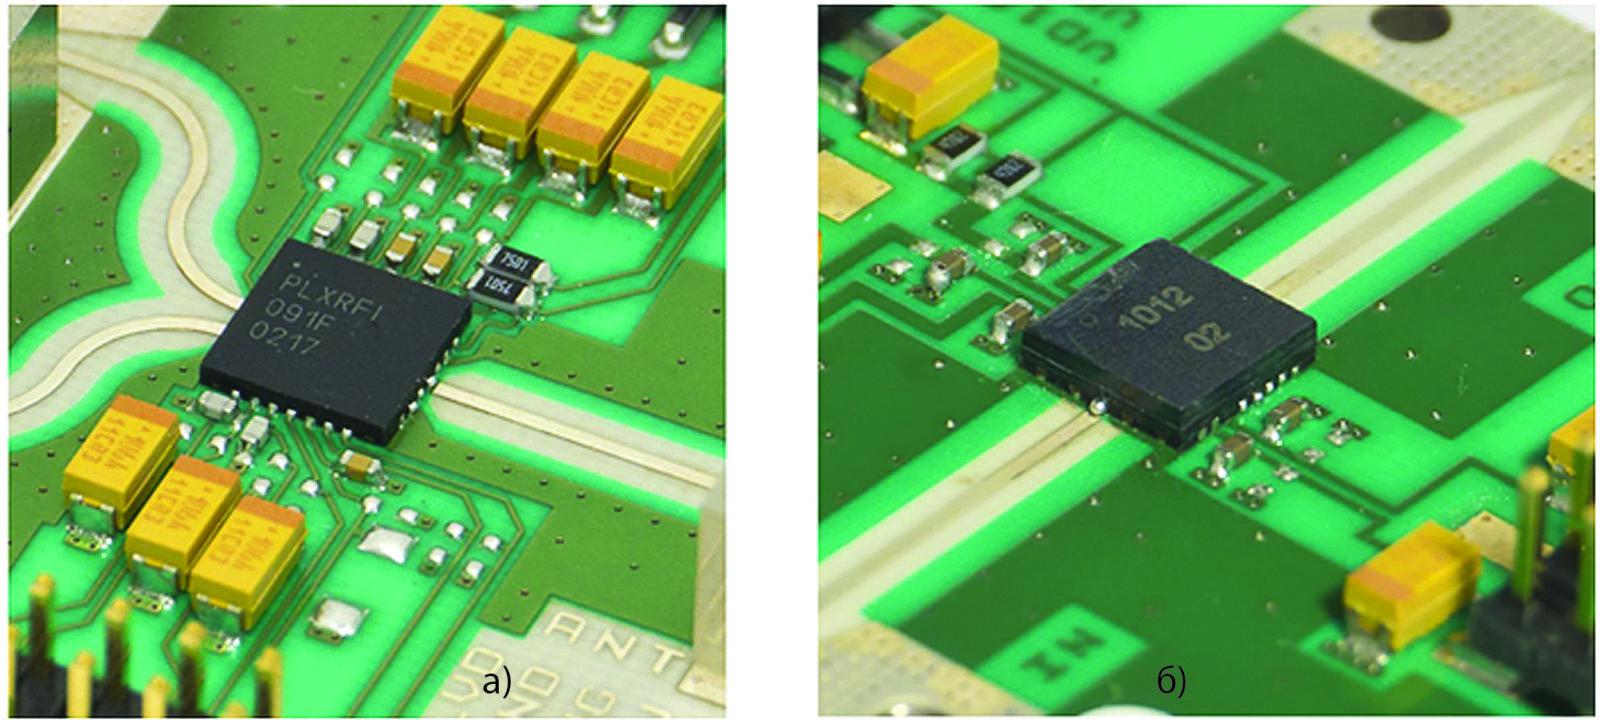 Формованный пластиковый QFN-корпус 5×5 мм, содержащий 28 ГГц FEM